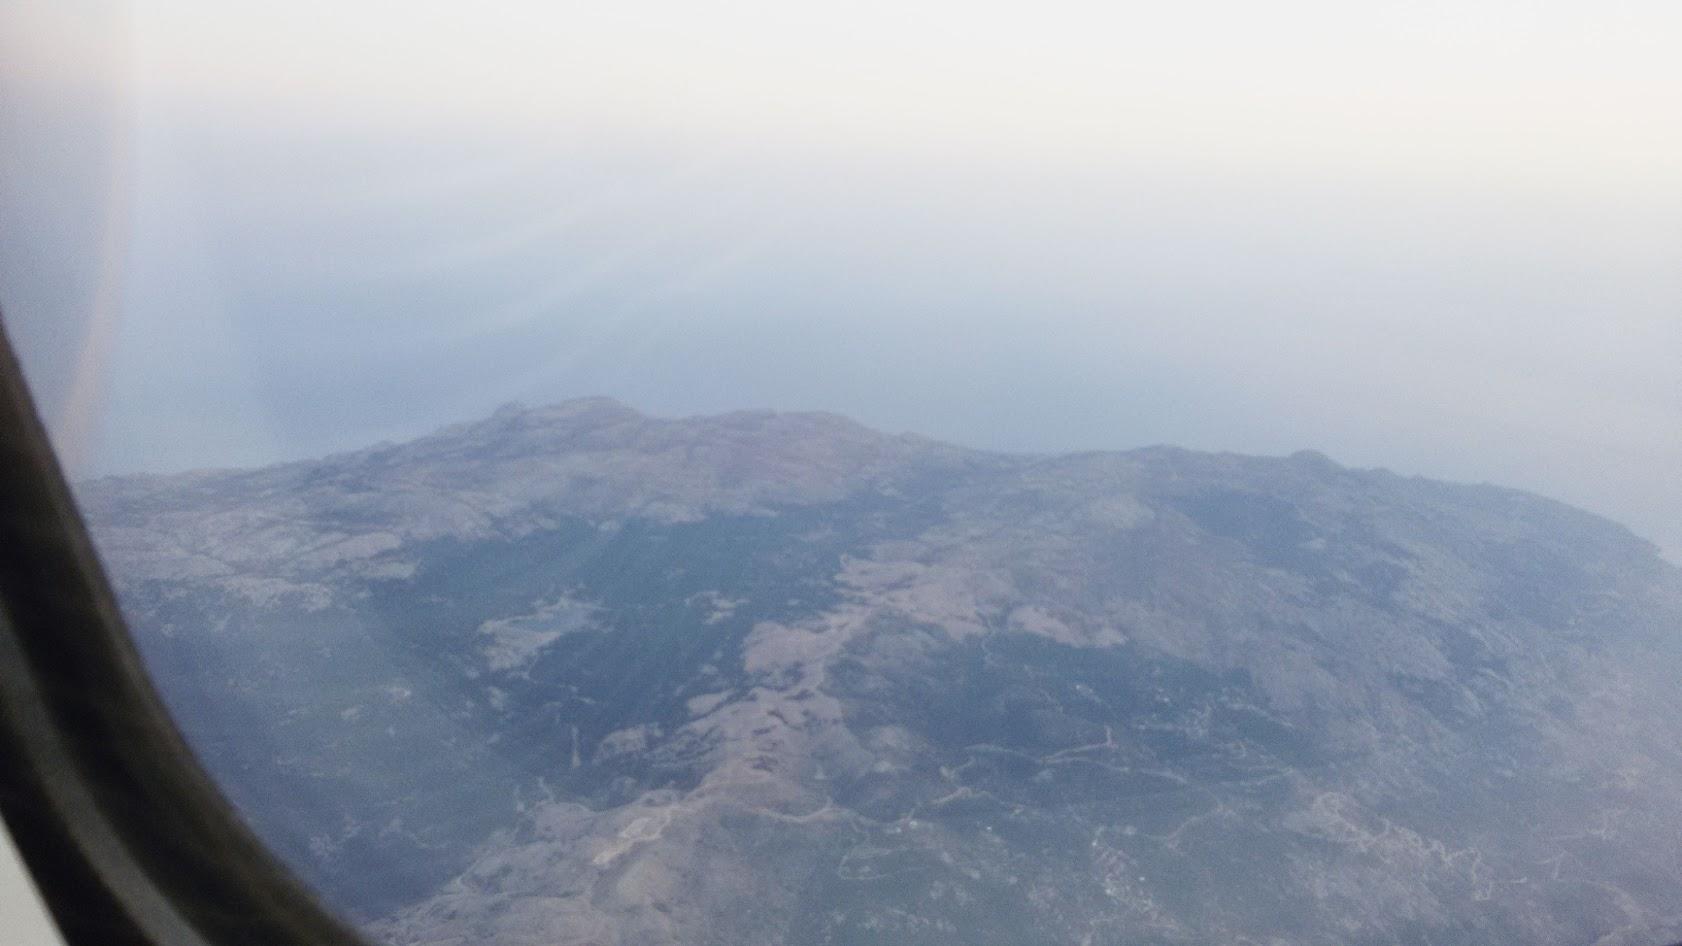 Икария: очарование забвения, сентябрь 2021